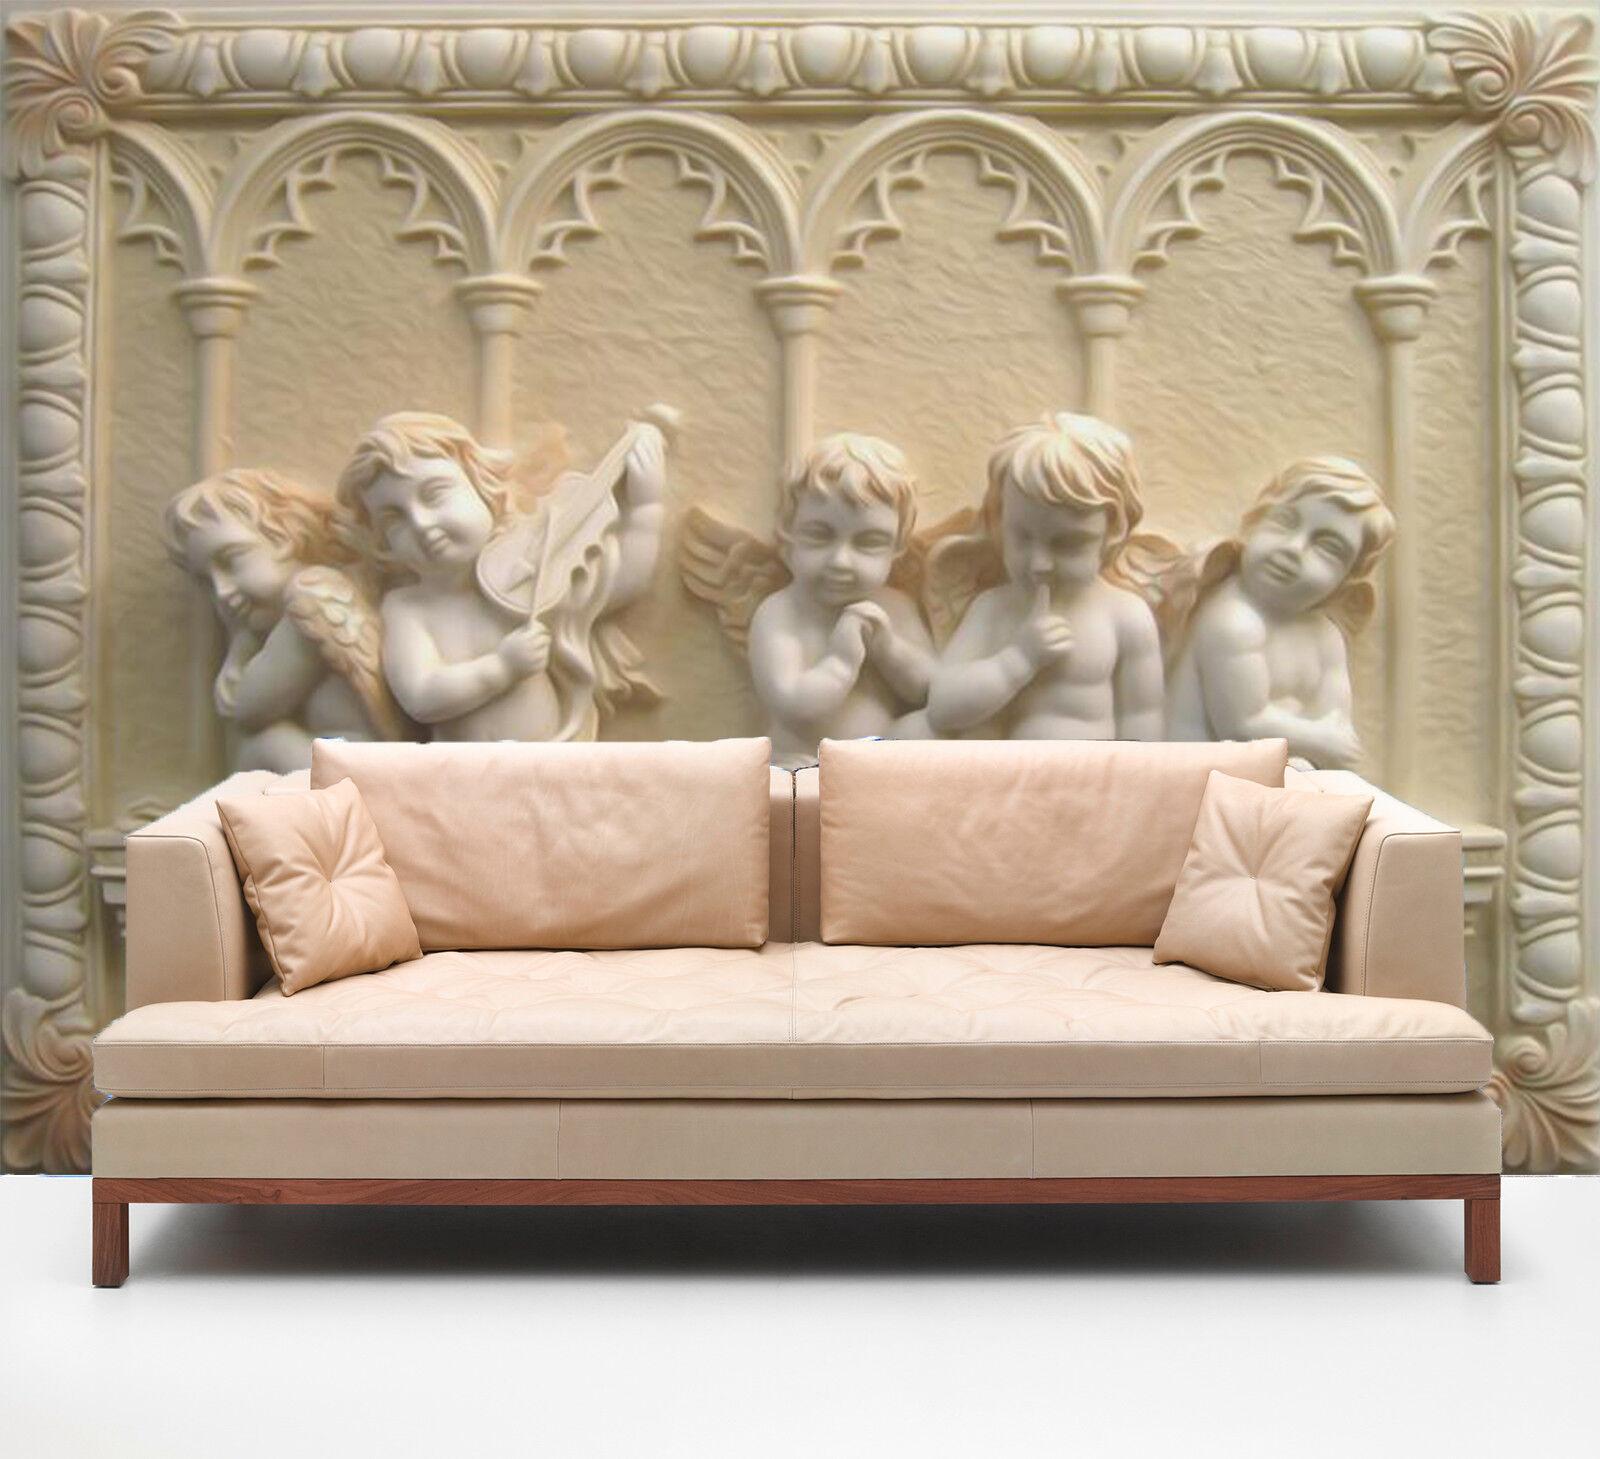 3D Hof Engel Muster 7998 Tapete Wandgemälde Tapeten Bild Familie DE Kyra | Merkwürdige Form  | Hat einen langen Ruf  | Schön In Der Farbe